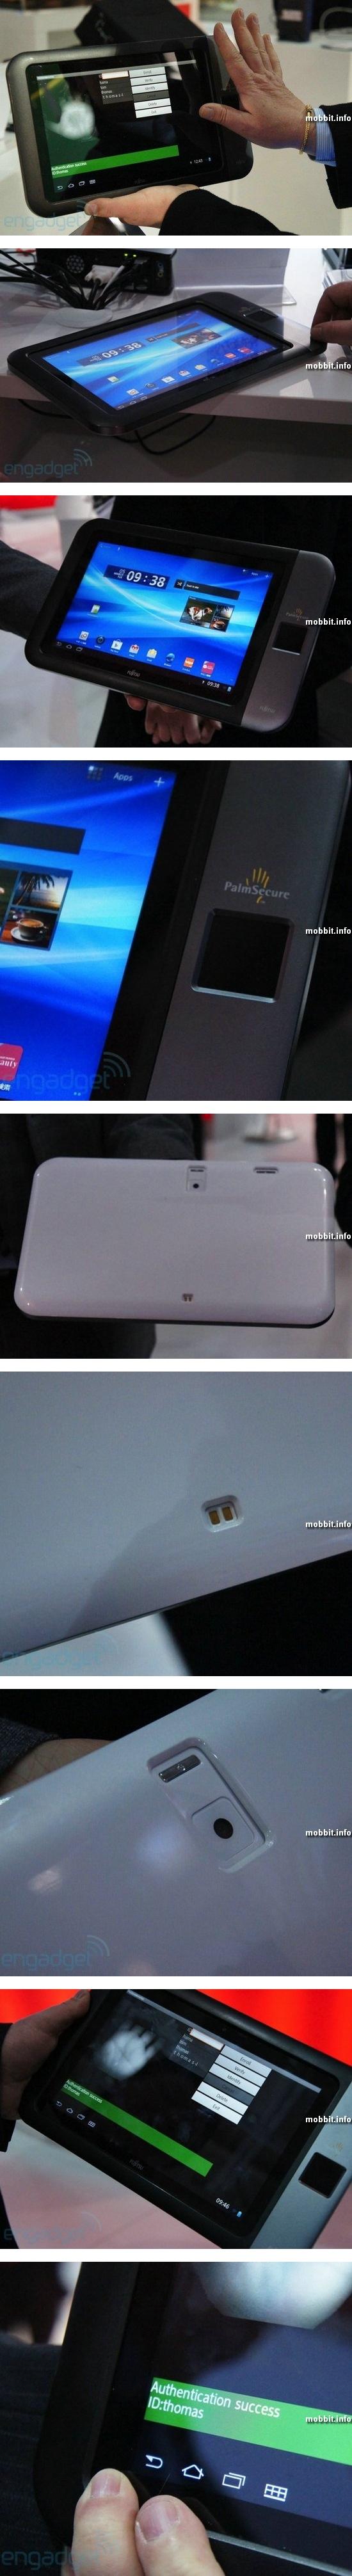 Планшет Fujitsu, способный идентифицировать пользователя по ладони